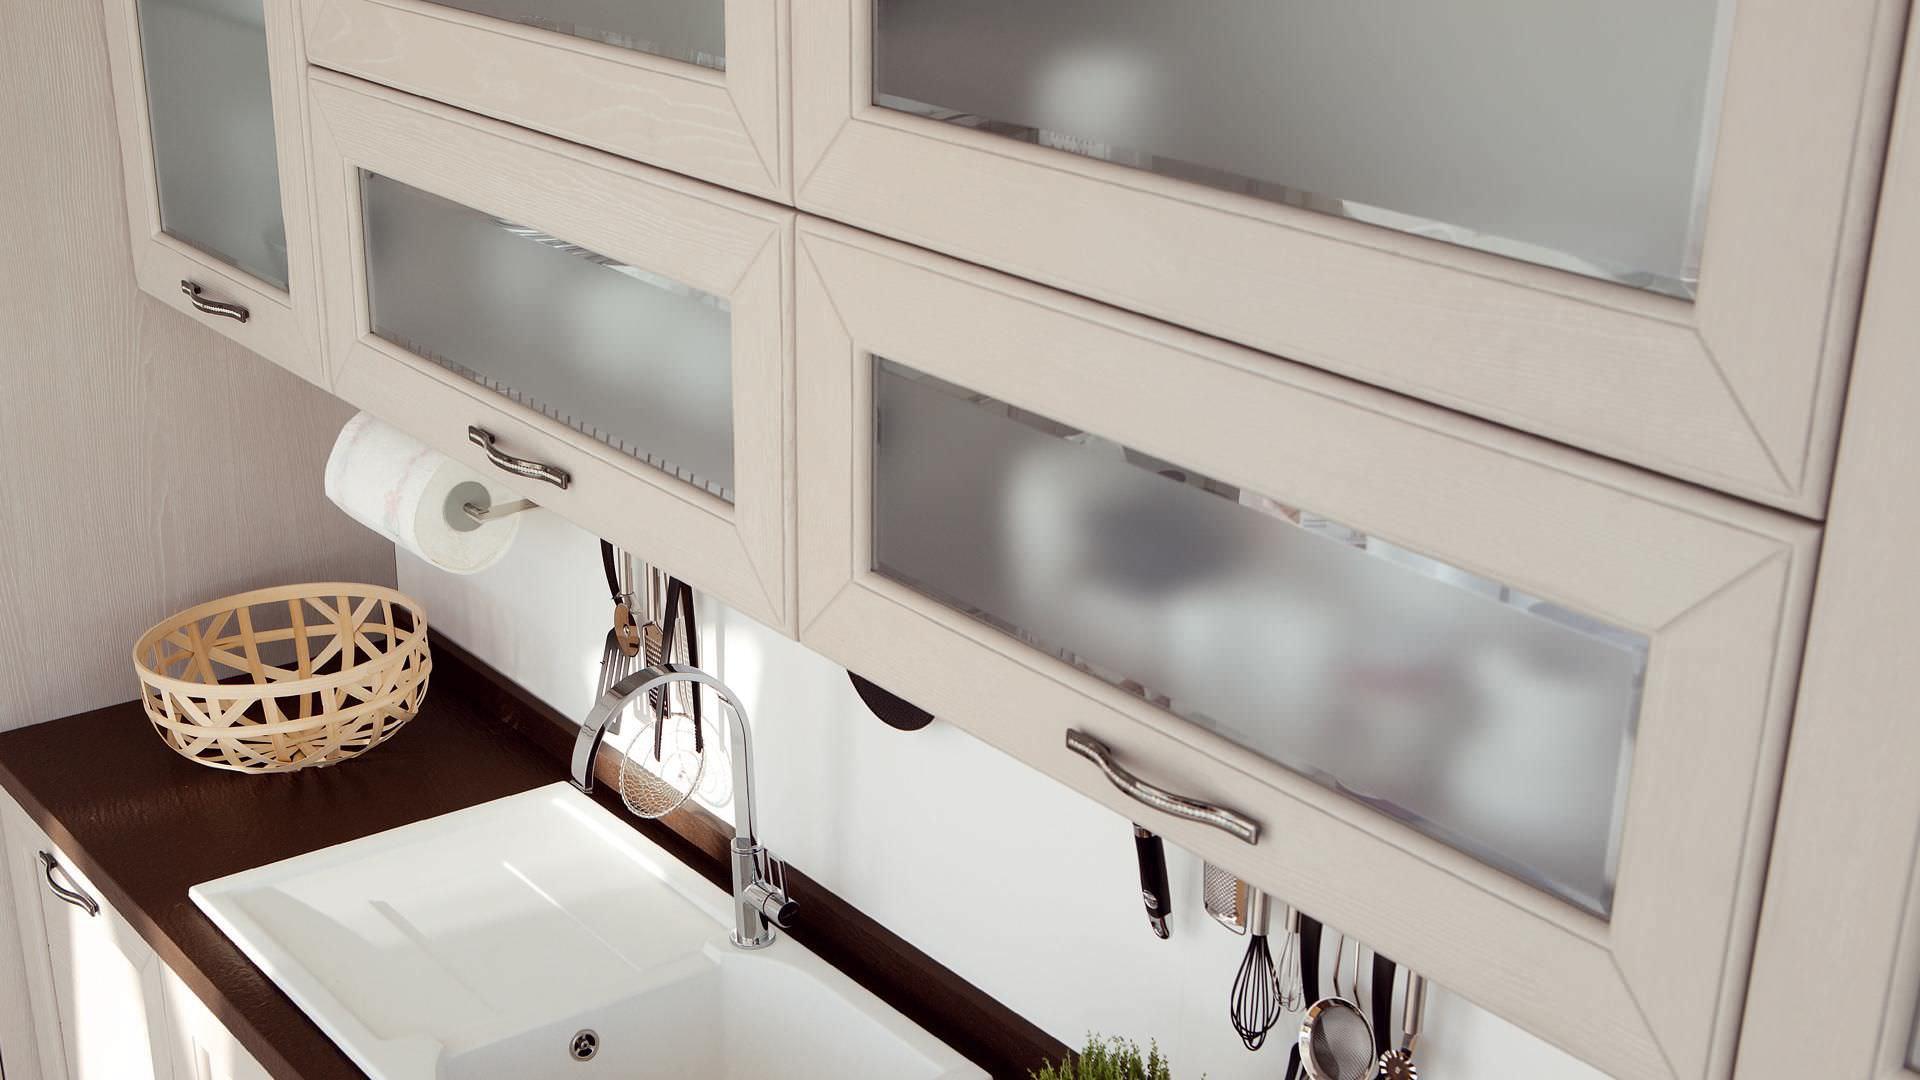 Moderne Küche / Holz / mit Griffen - CLAUDIA - CUCINE LUBE - Videos